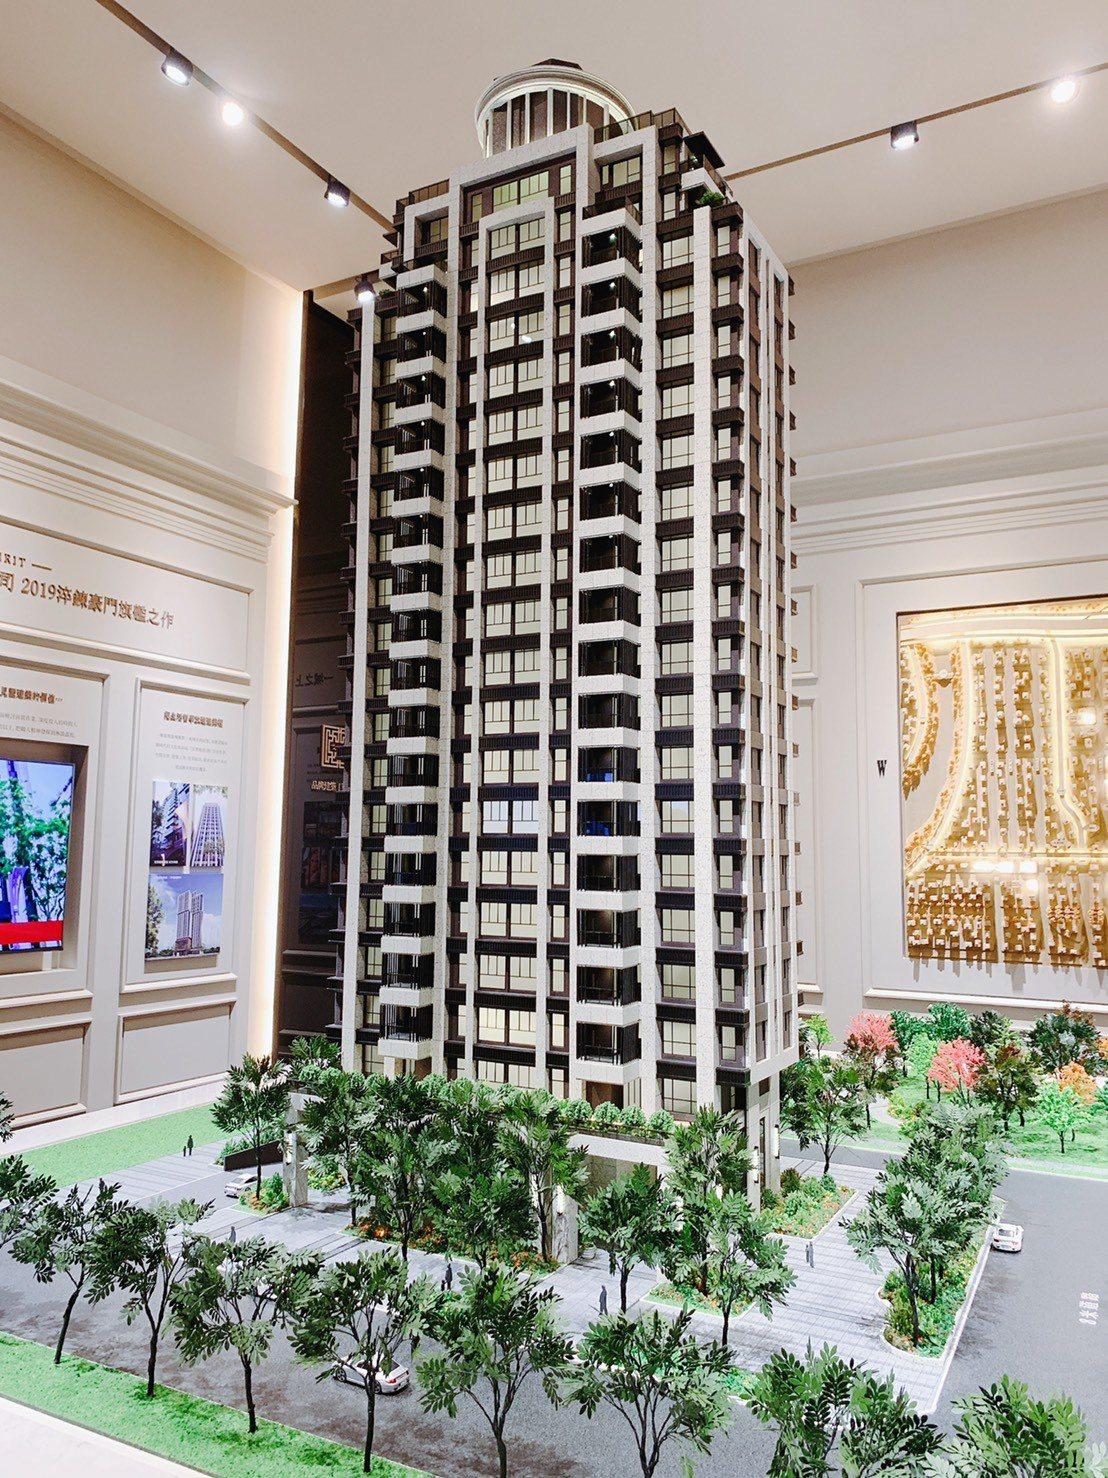 新建案「宏普頤和」開賣90天銷量近8成,成績十分亮眼。圖/宏普頤和提供